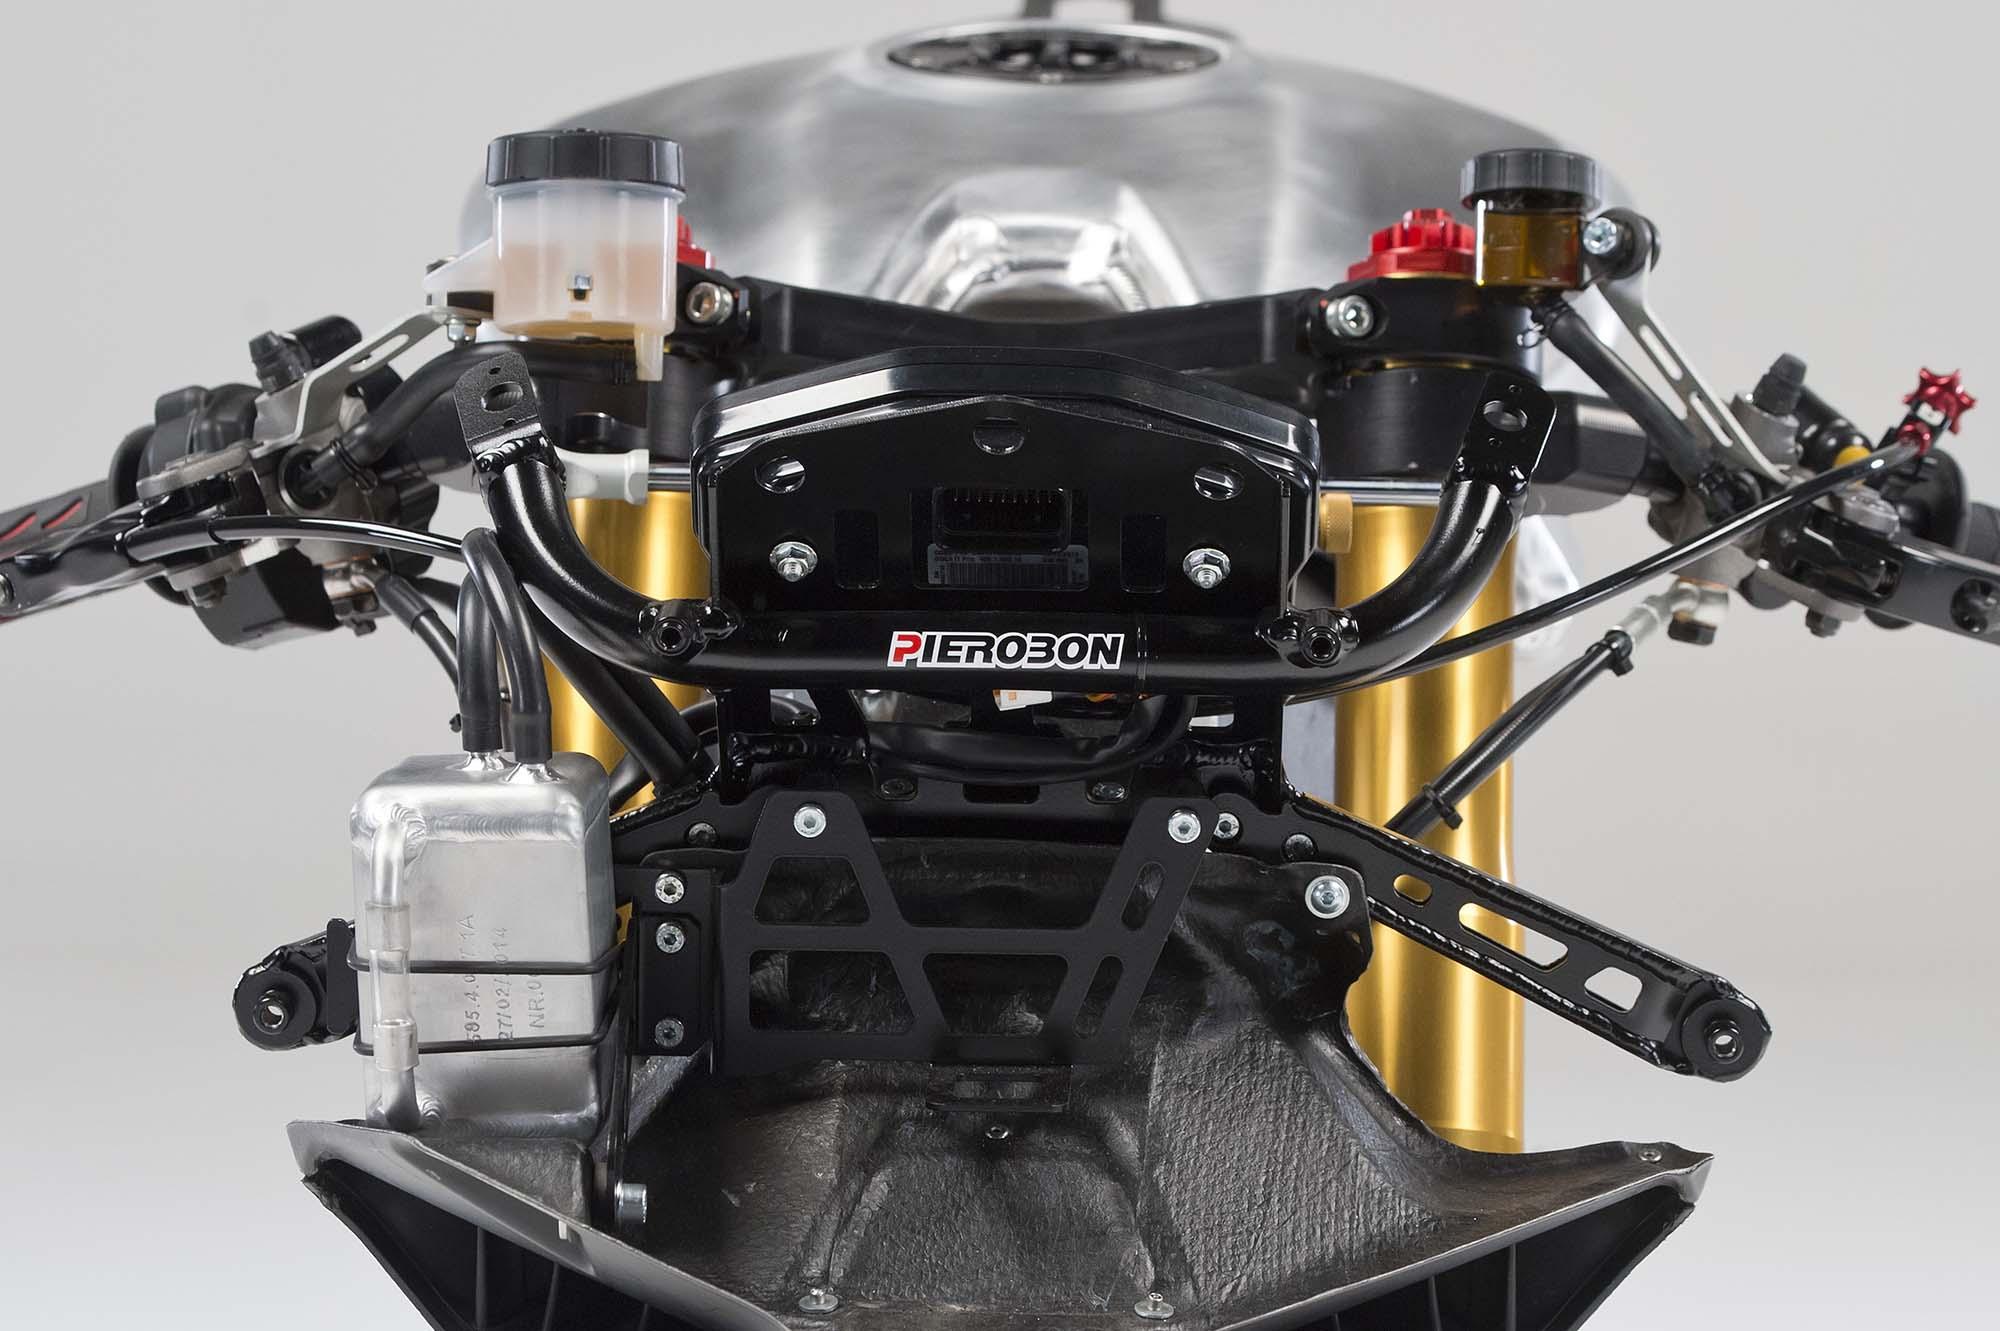 Pierobon-Ducati-899-Panigale-swingarm-07